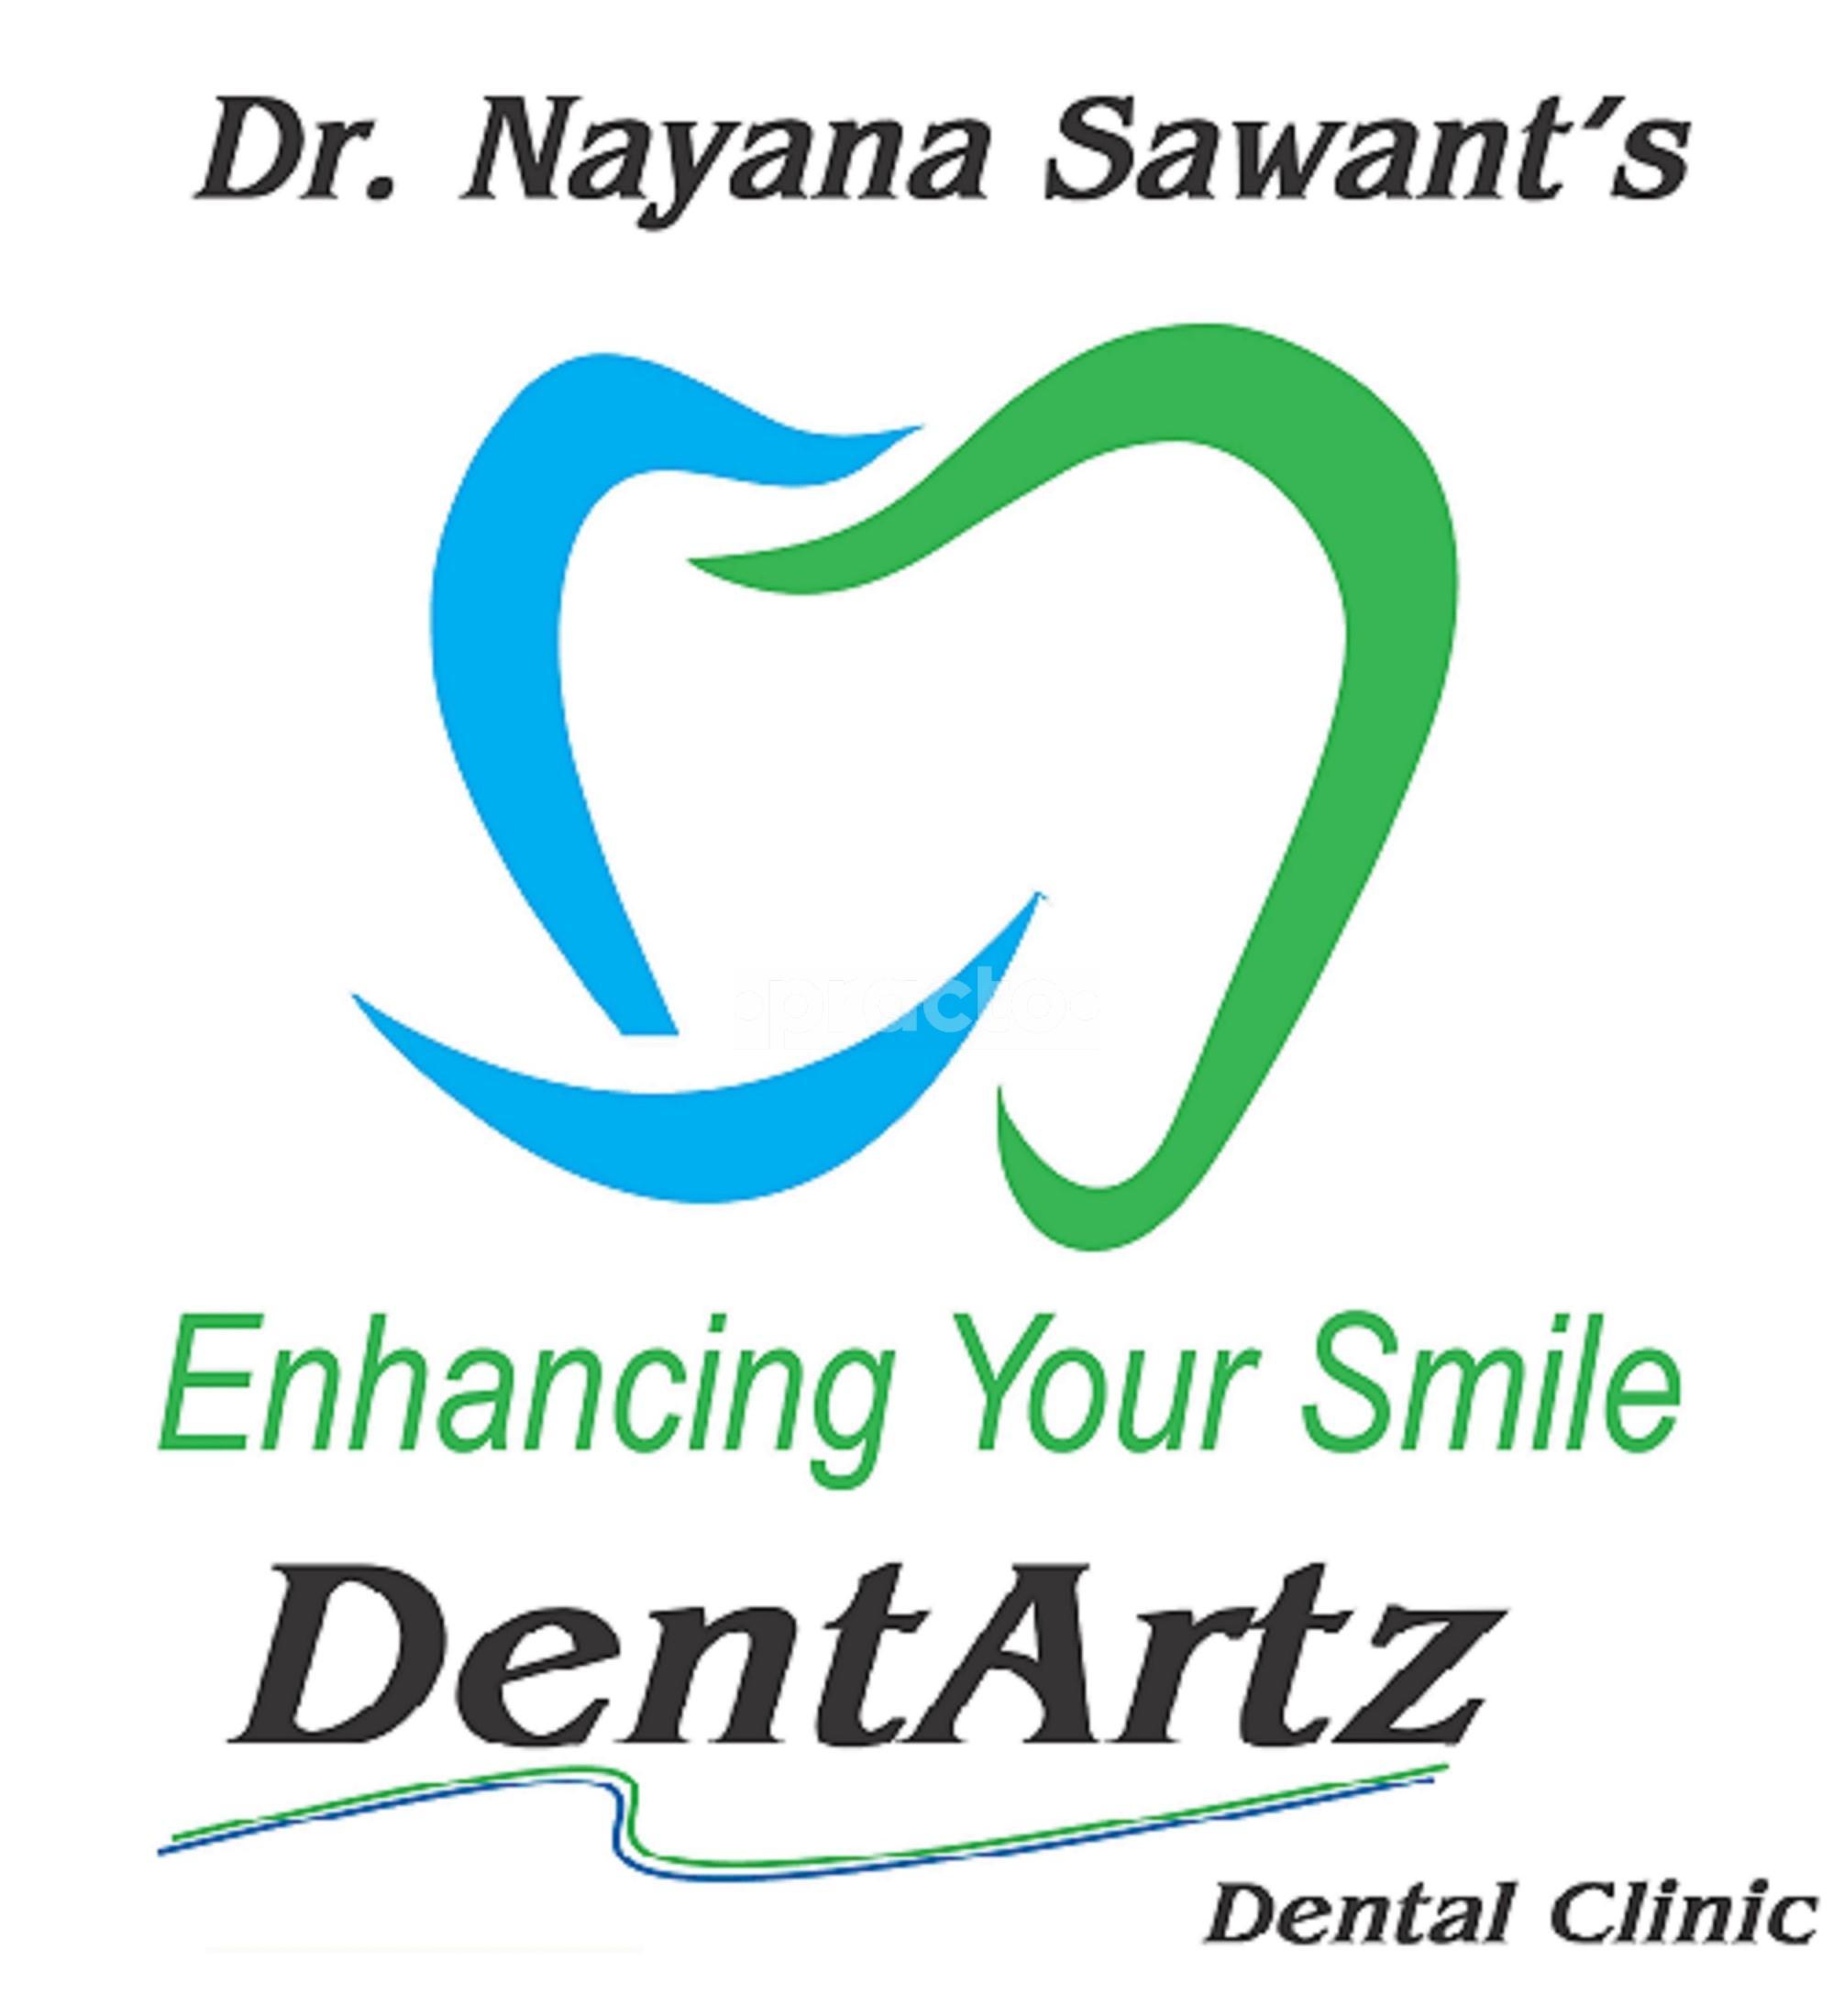 'Dentartz' Dental Clinic